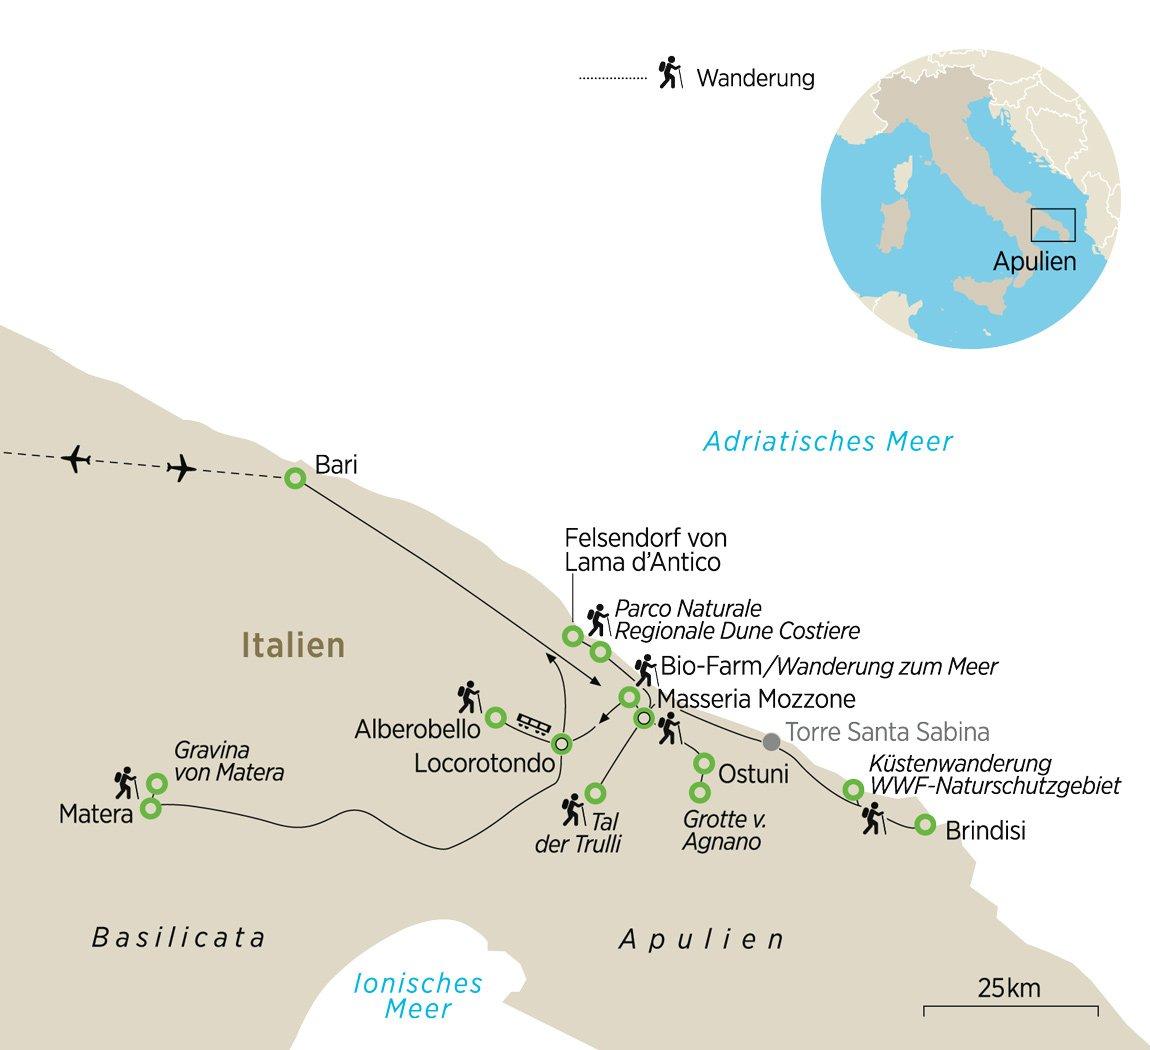 Apulien Karte Italien.Wandern In Apulien Mediterrane Kultur Und Ursprünglichen Zauber